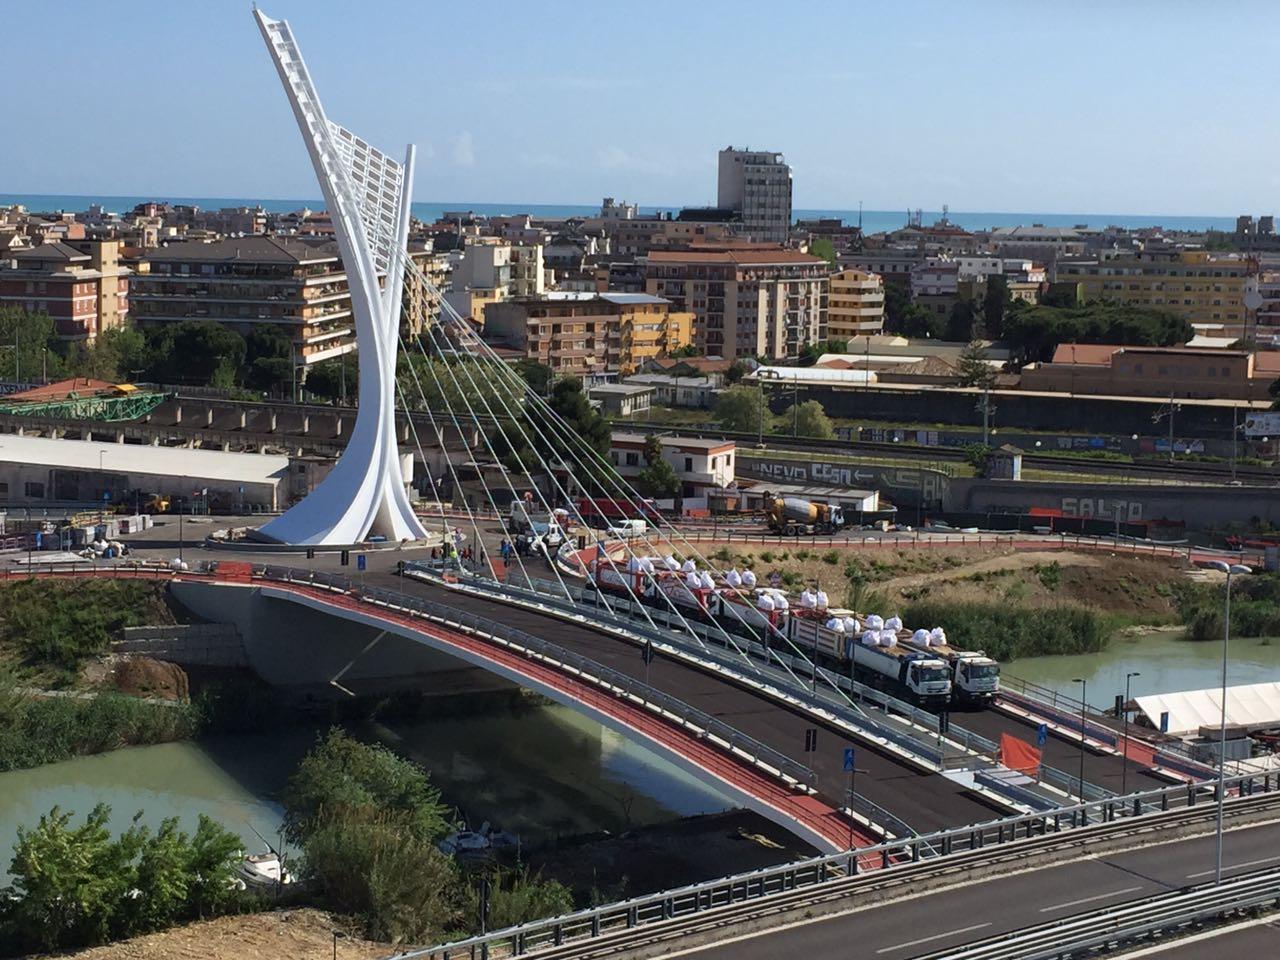 ponte-flaiano-pescara-inerti-valfino (1)